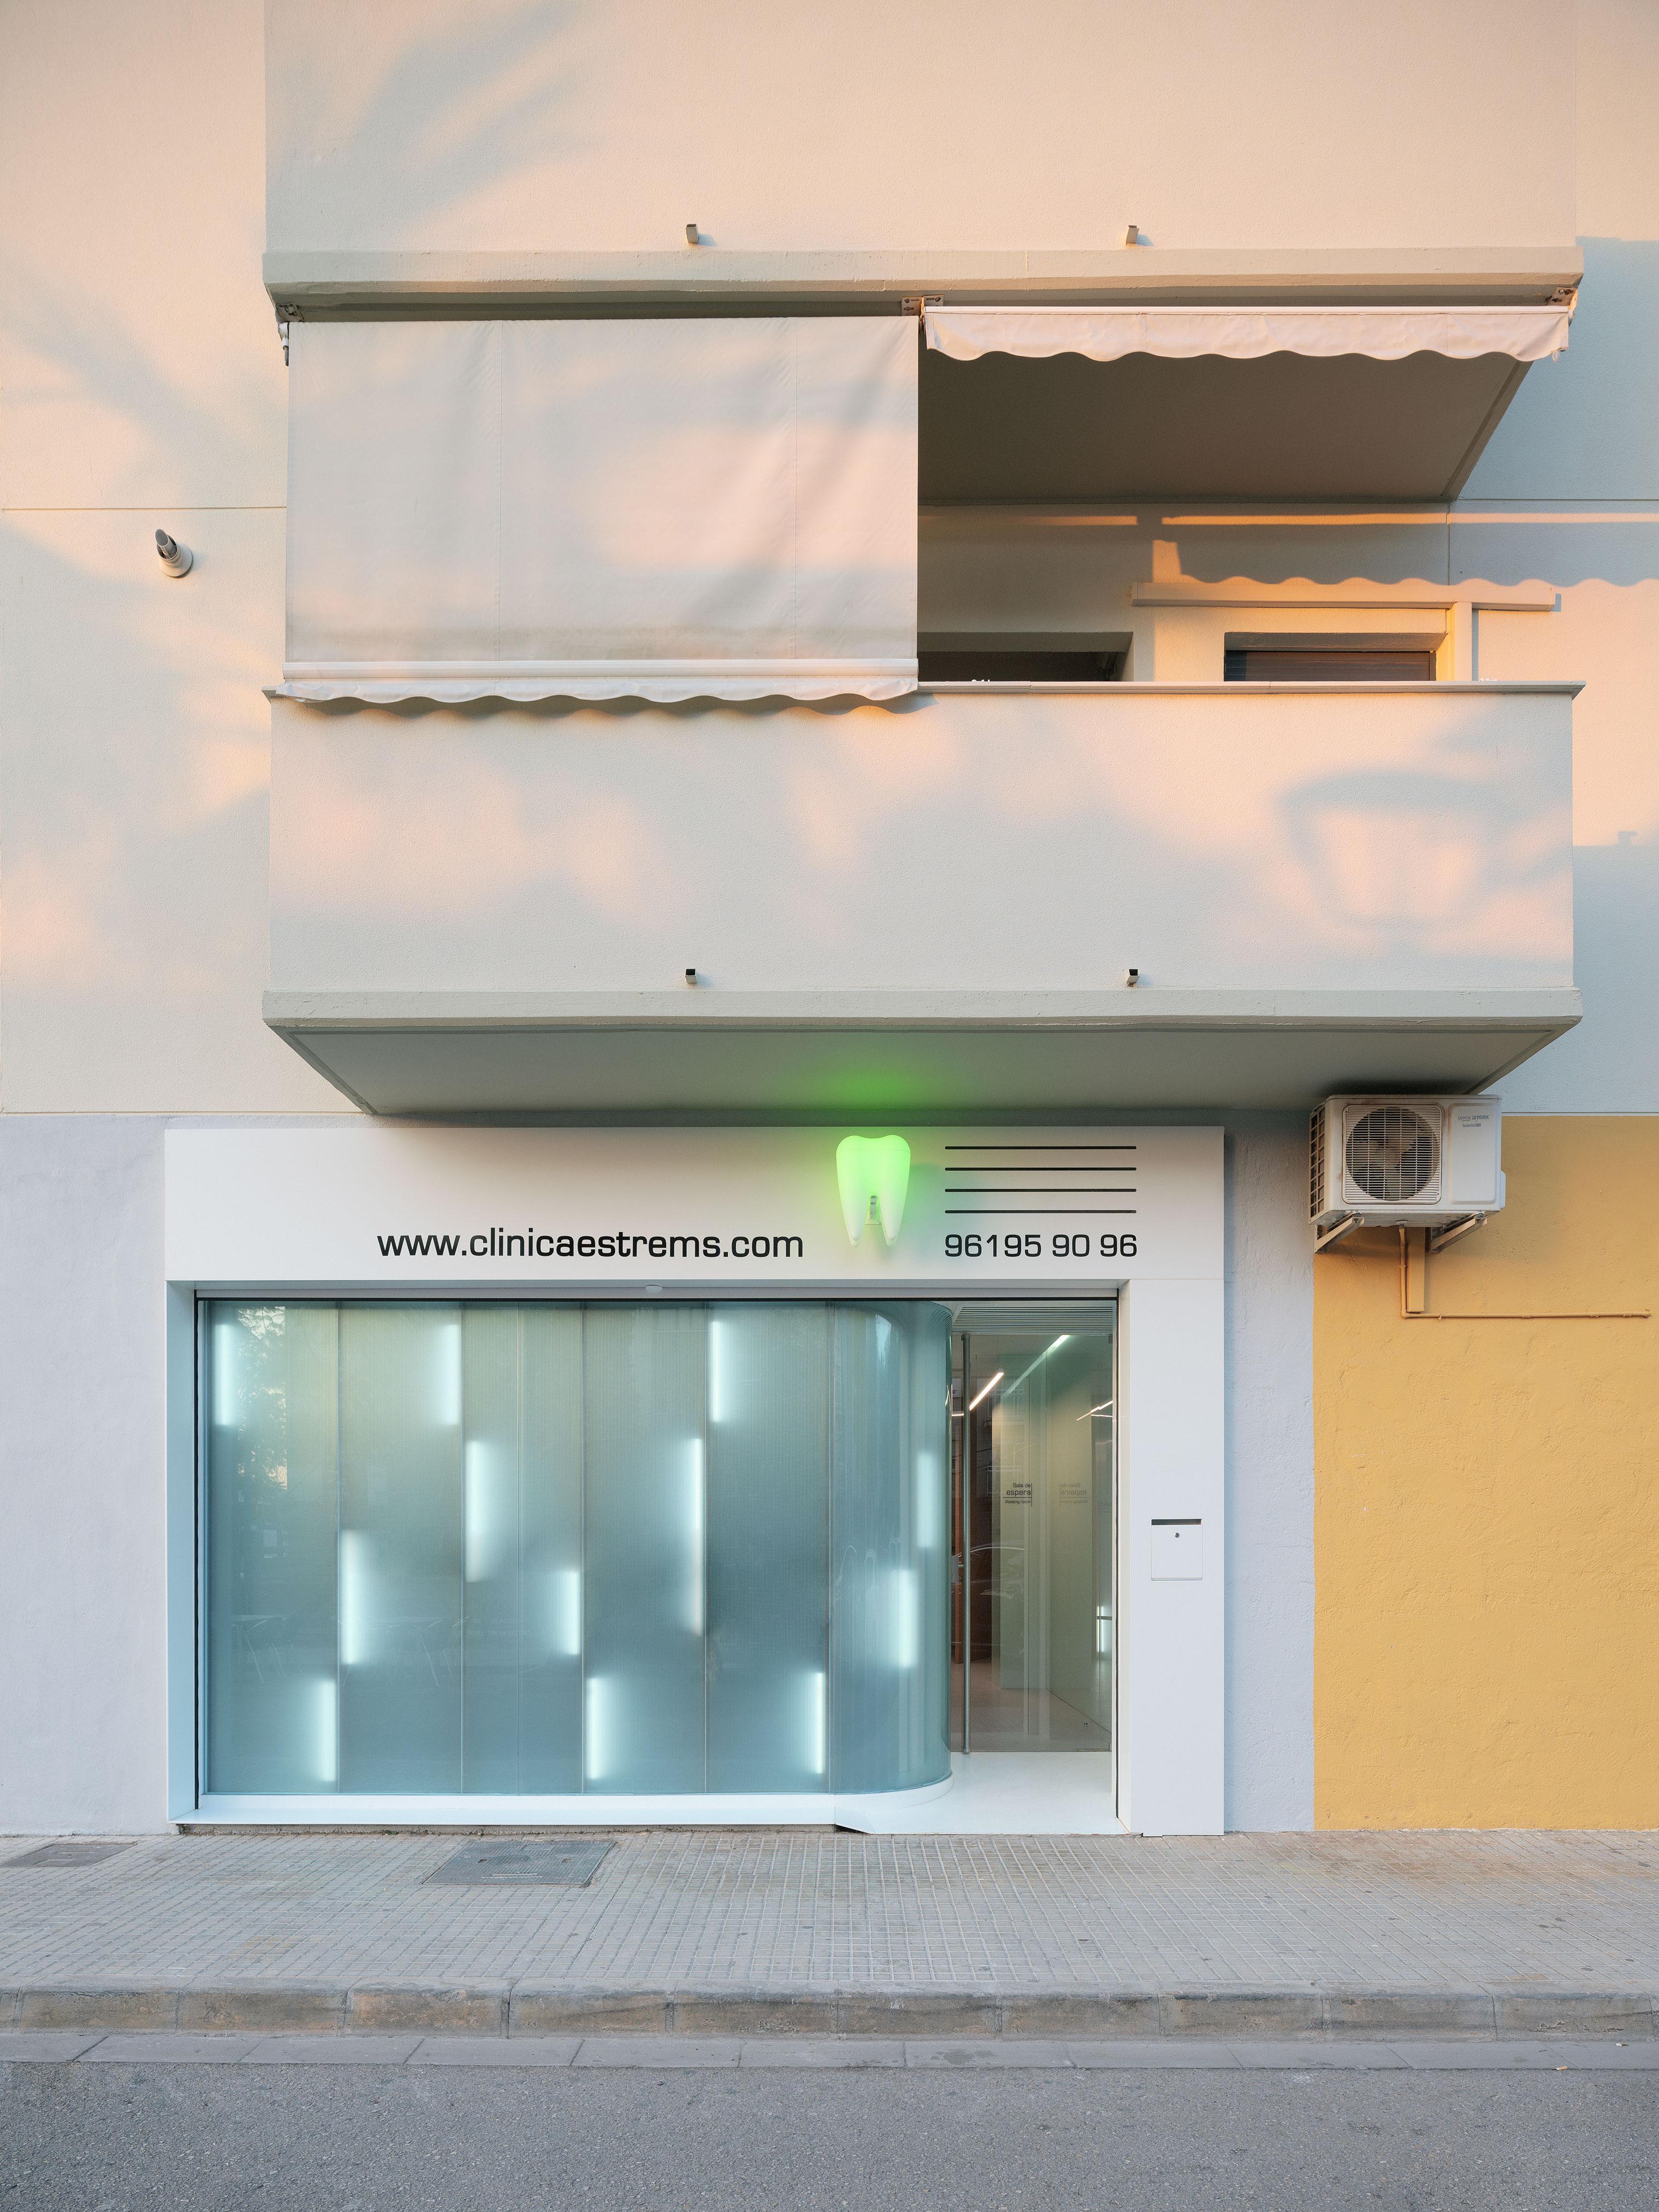 Clinica_Estrems_by_Raum_4142_foto_Luis_Diaz_Diaz_01